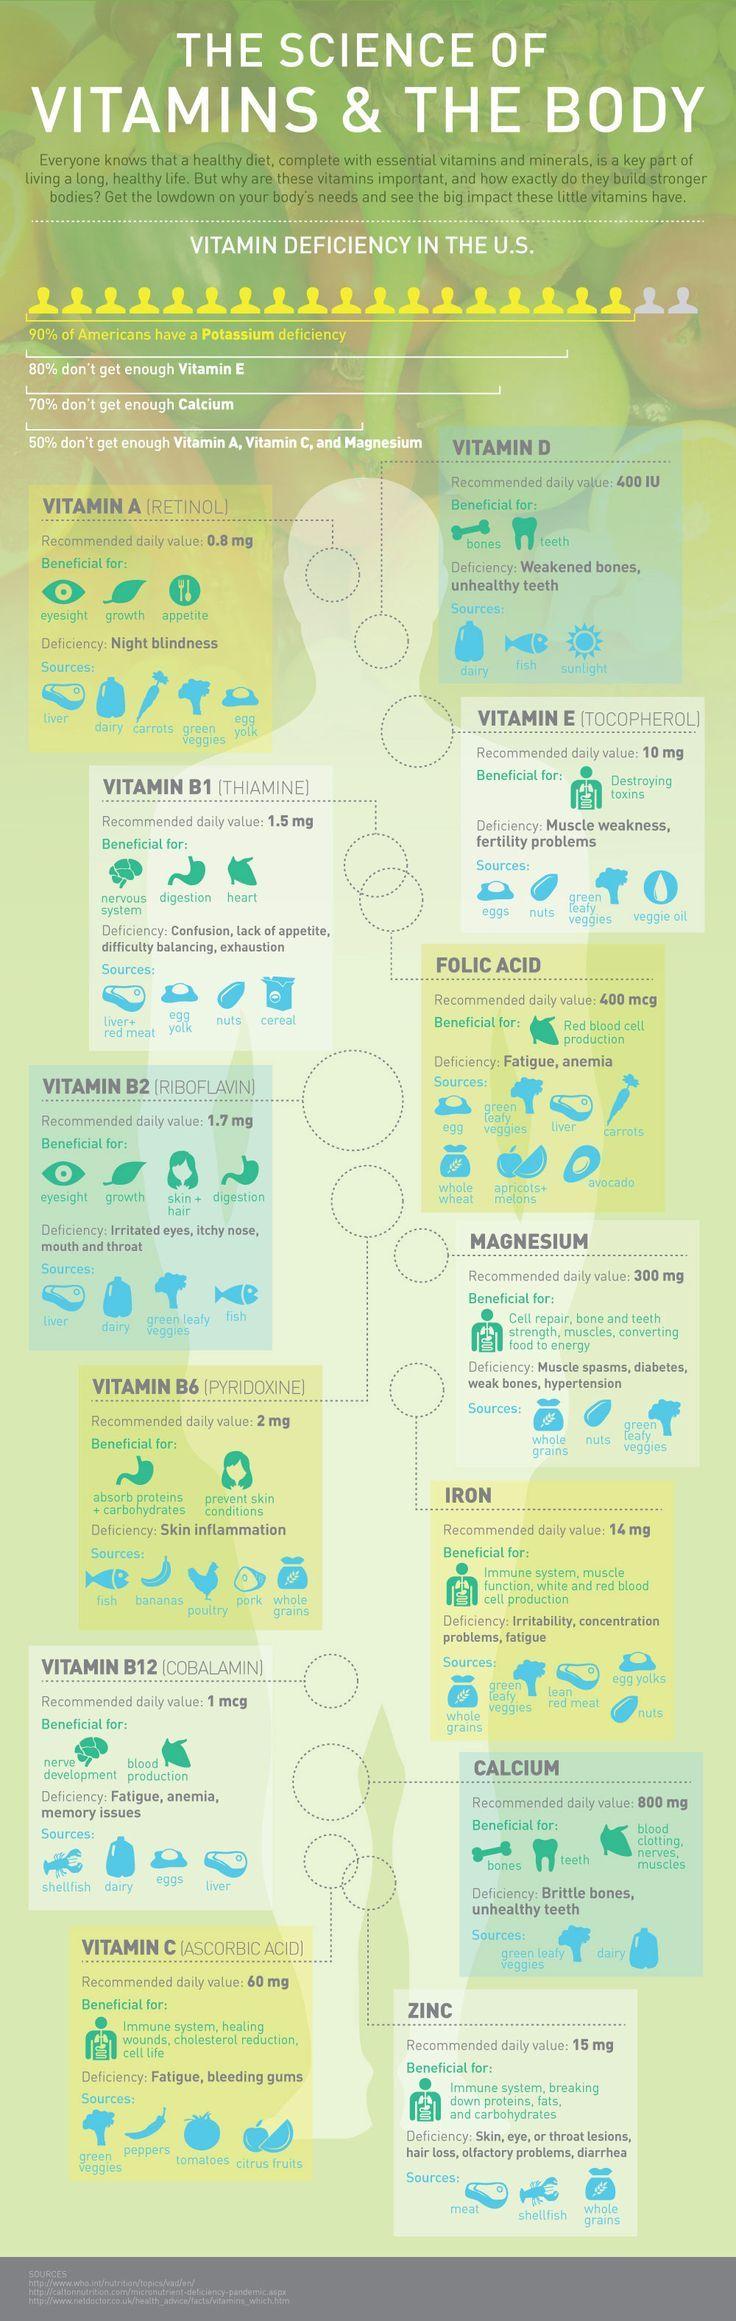 Vitamin Deficiency Infographic - short on Potassium, Vitamins E, A, C, Calcium &... 1